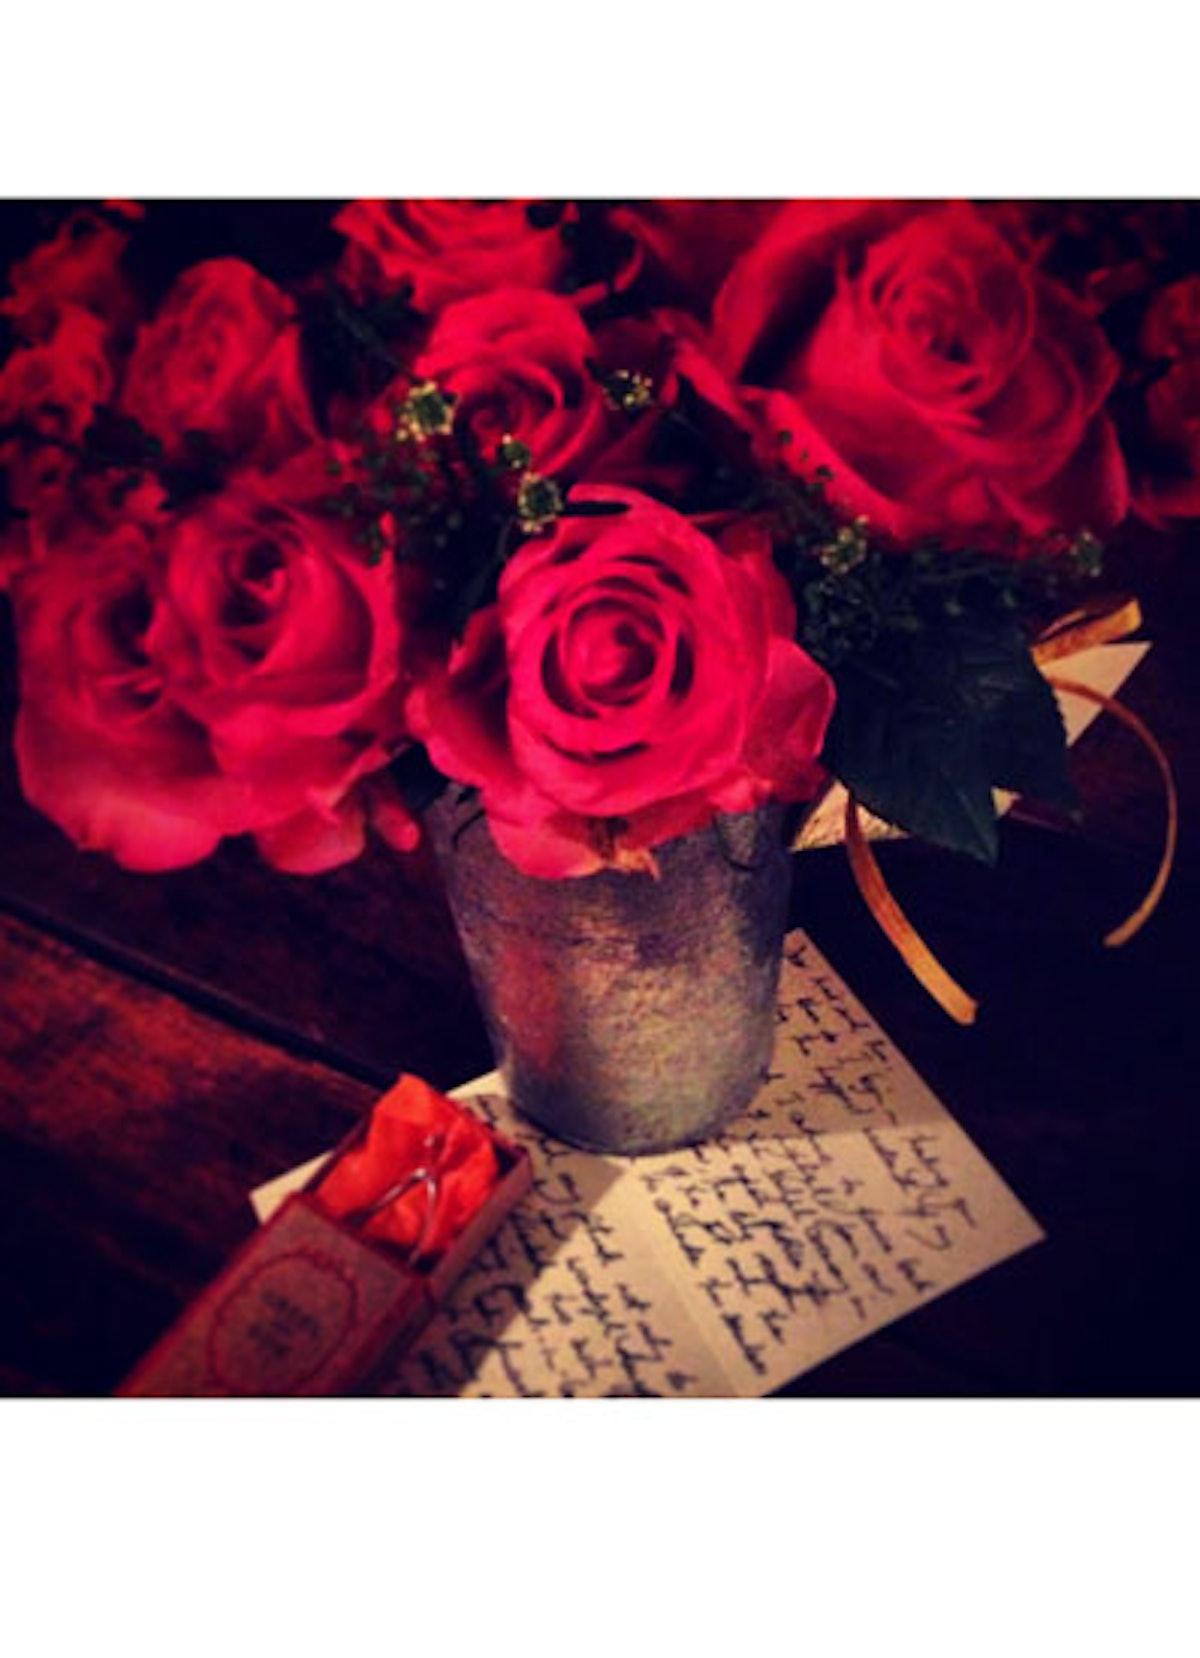 fass-fashion-valentines-day-05-v.jpg